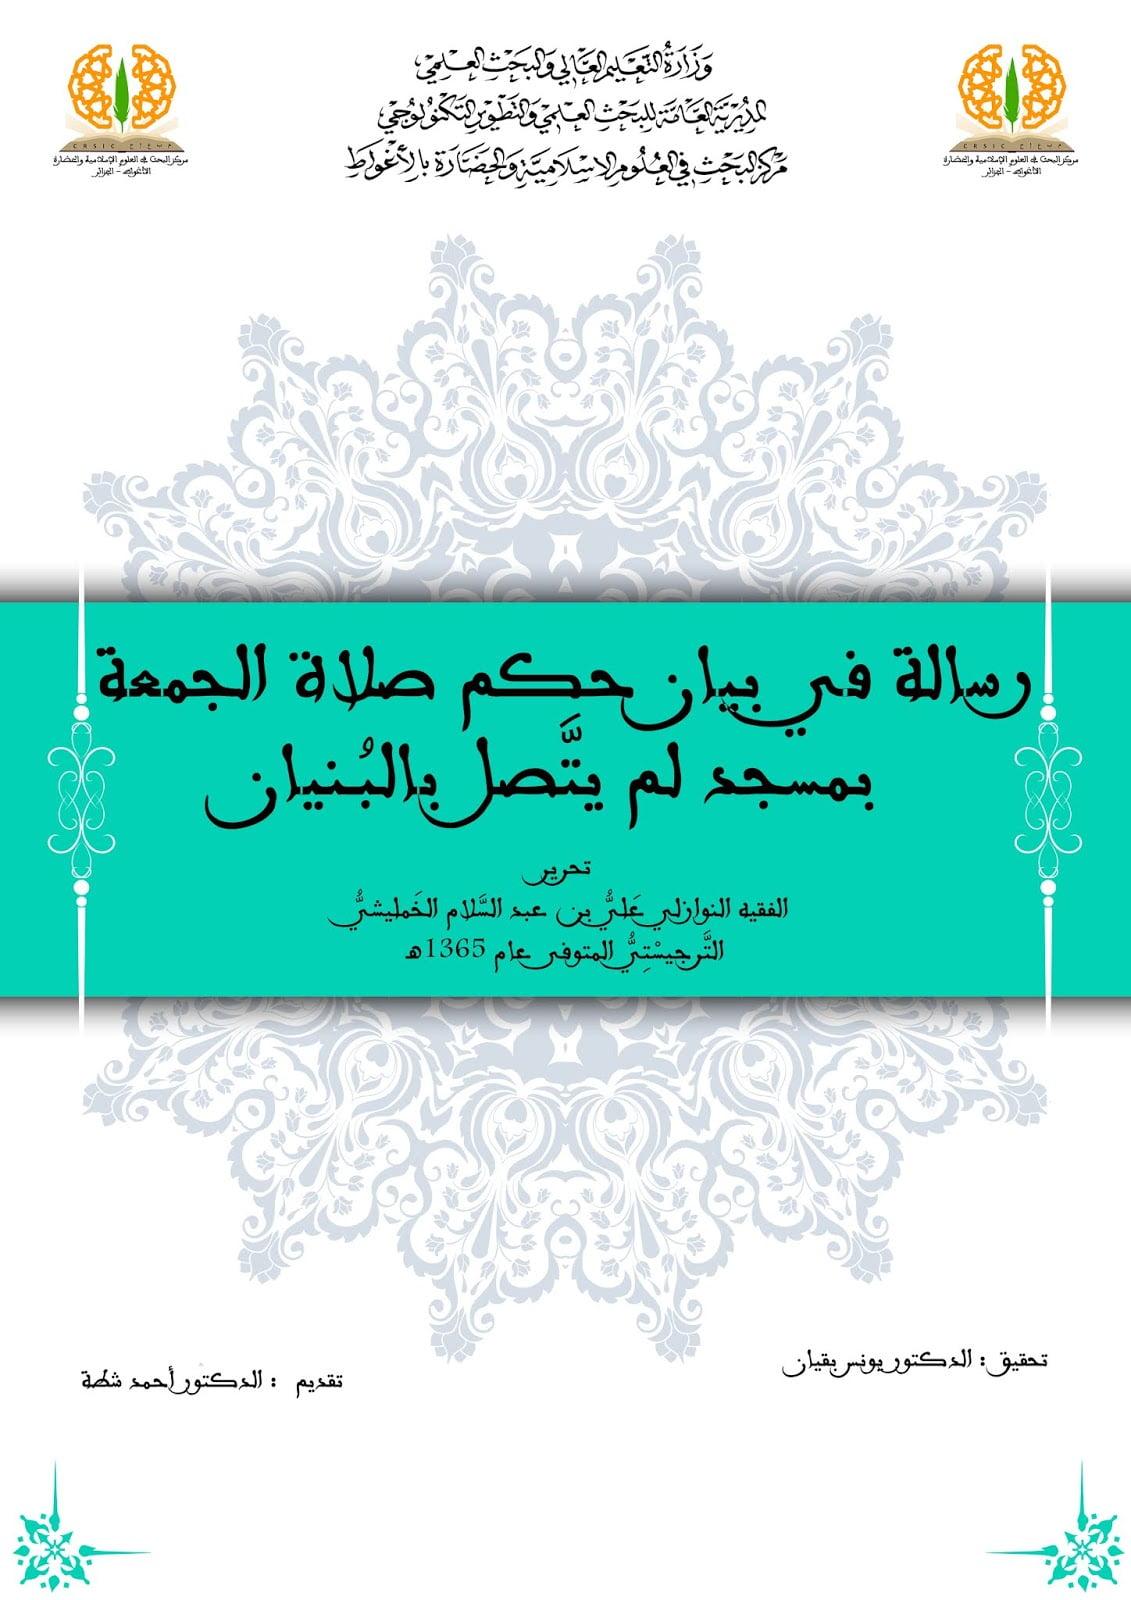 إصدار جديد للعلامة مولاي علي الخمليشي الترجيستي